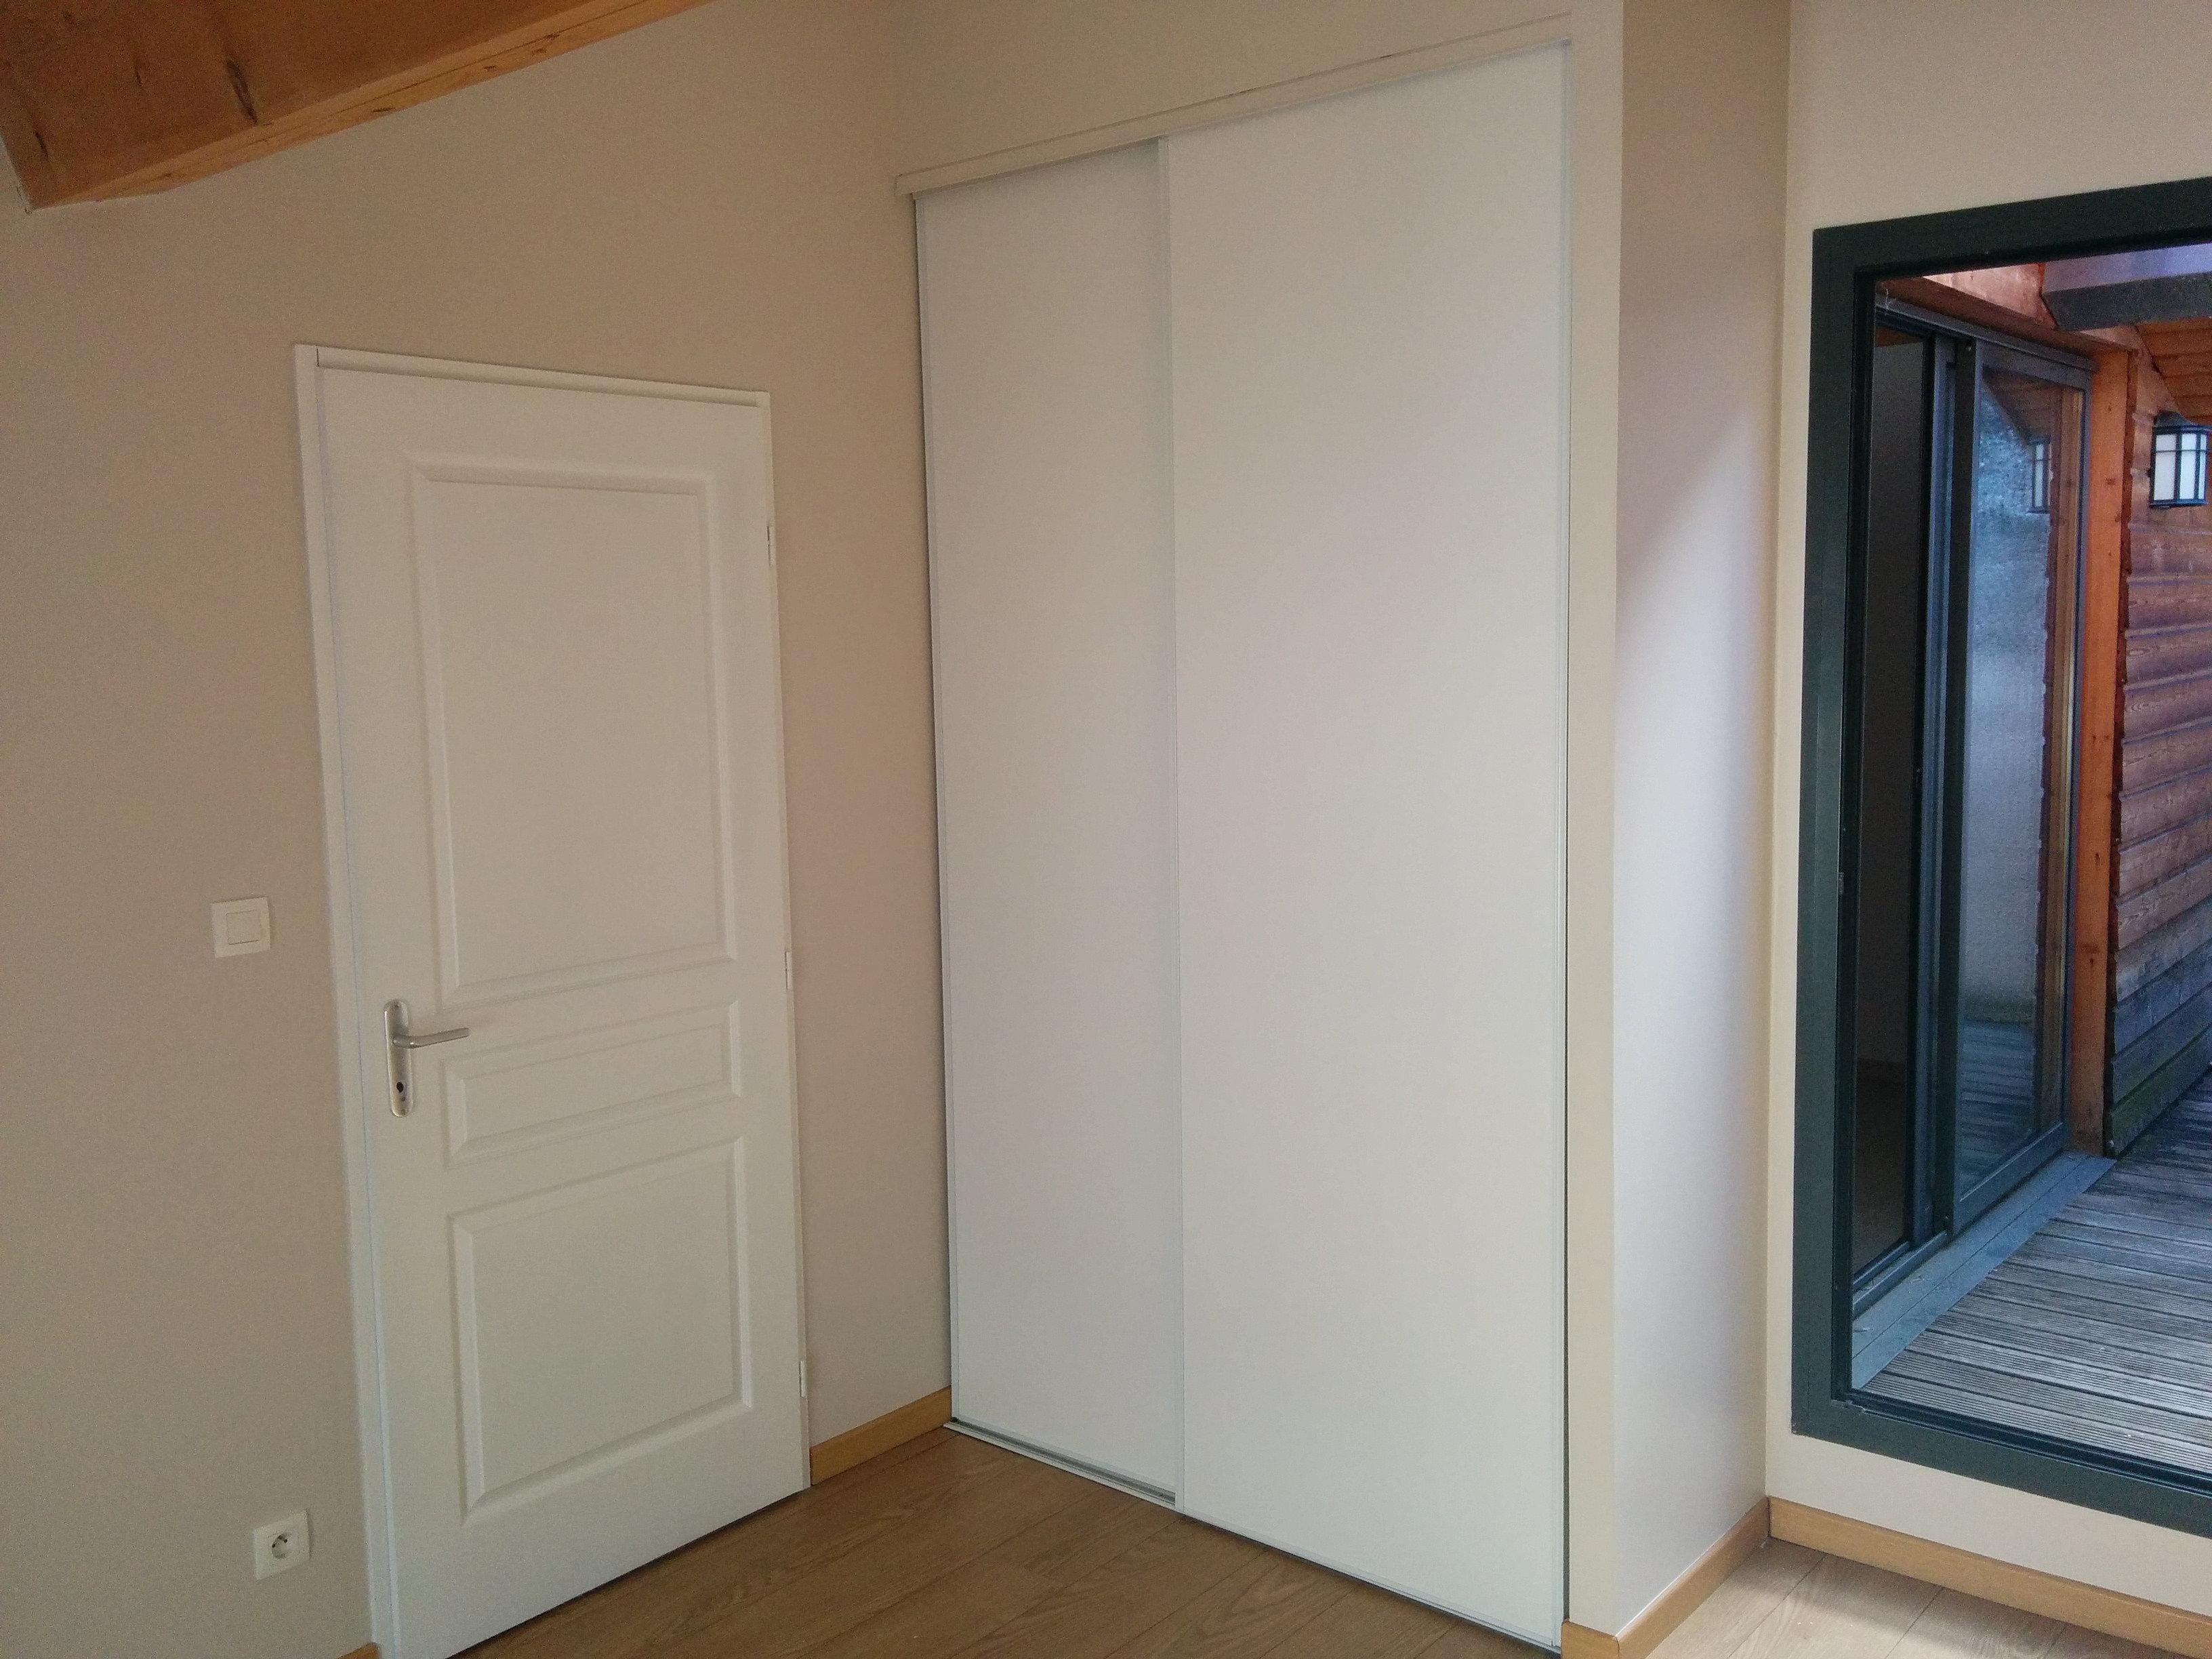 Peinture beige chambre peinture salon beige et marron t idee pour une renova - Peinture beige chambre ...